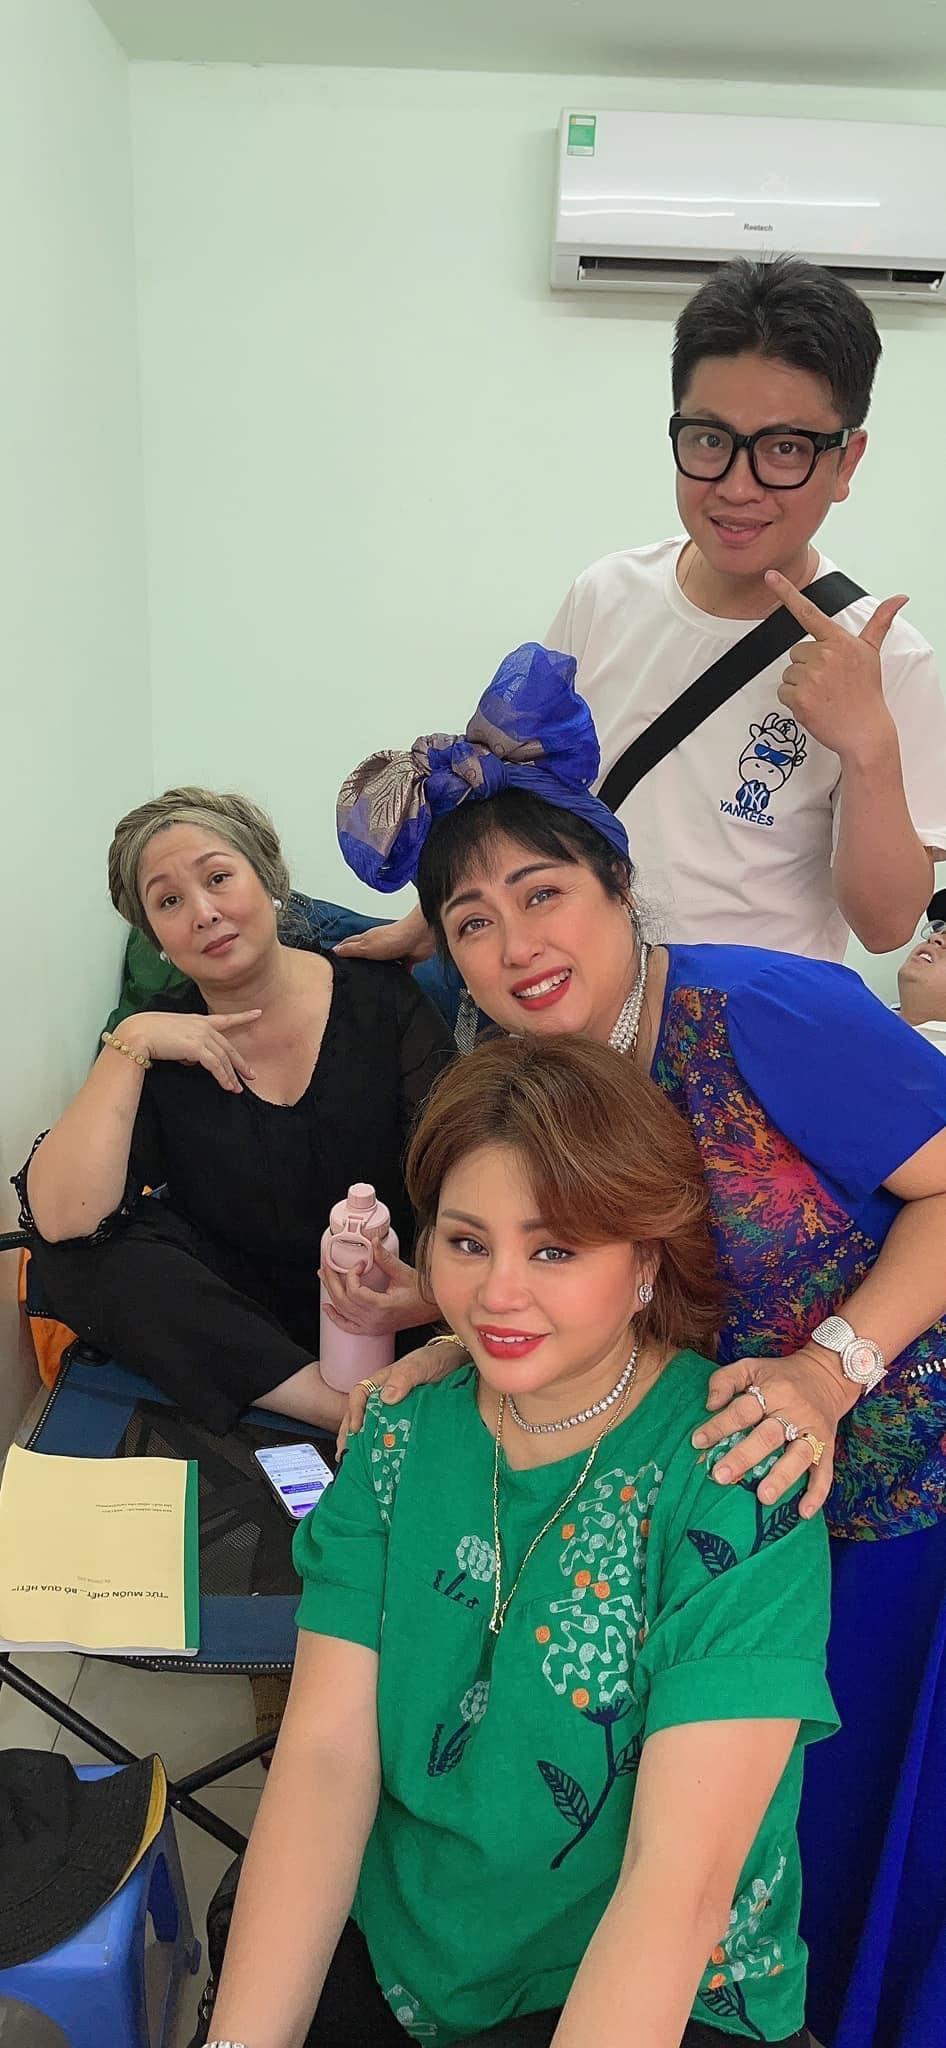 Các nghệ sĩ thân thiết trong hậu trường, cả ngoài đời. (Ảnh: FBNV) - Tin sao Viet - Tin tuc sao Viet - Scandal sao Viet - Tin tuc cua Sao - Tin cua Sao